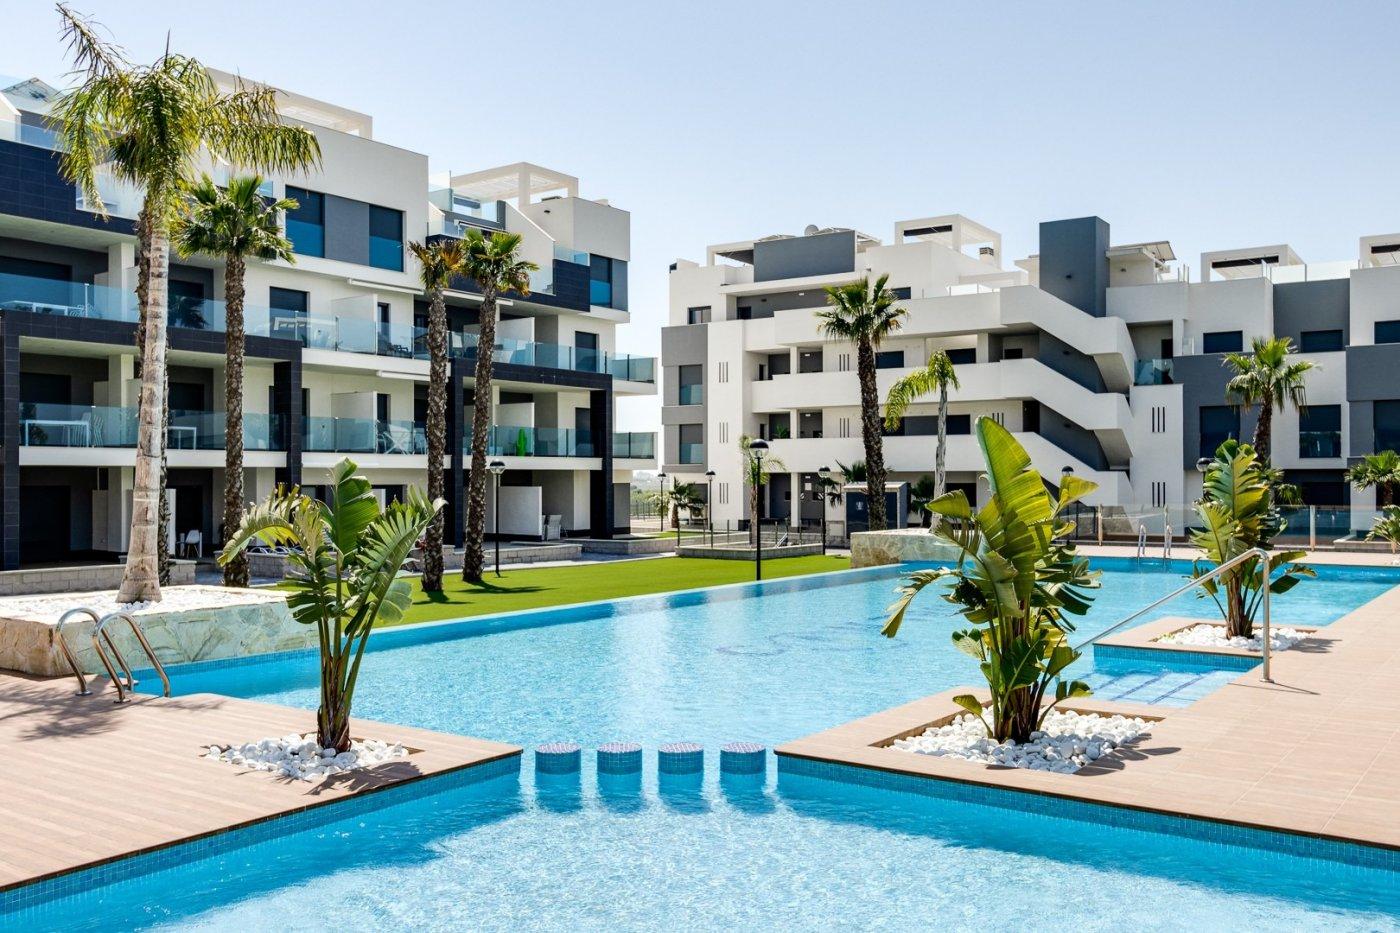 Nuevo complejo residencial en el raso (guardamar)!!! - imagenInmueble1